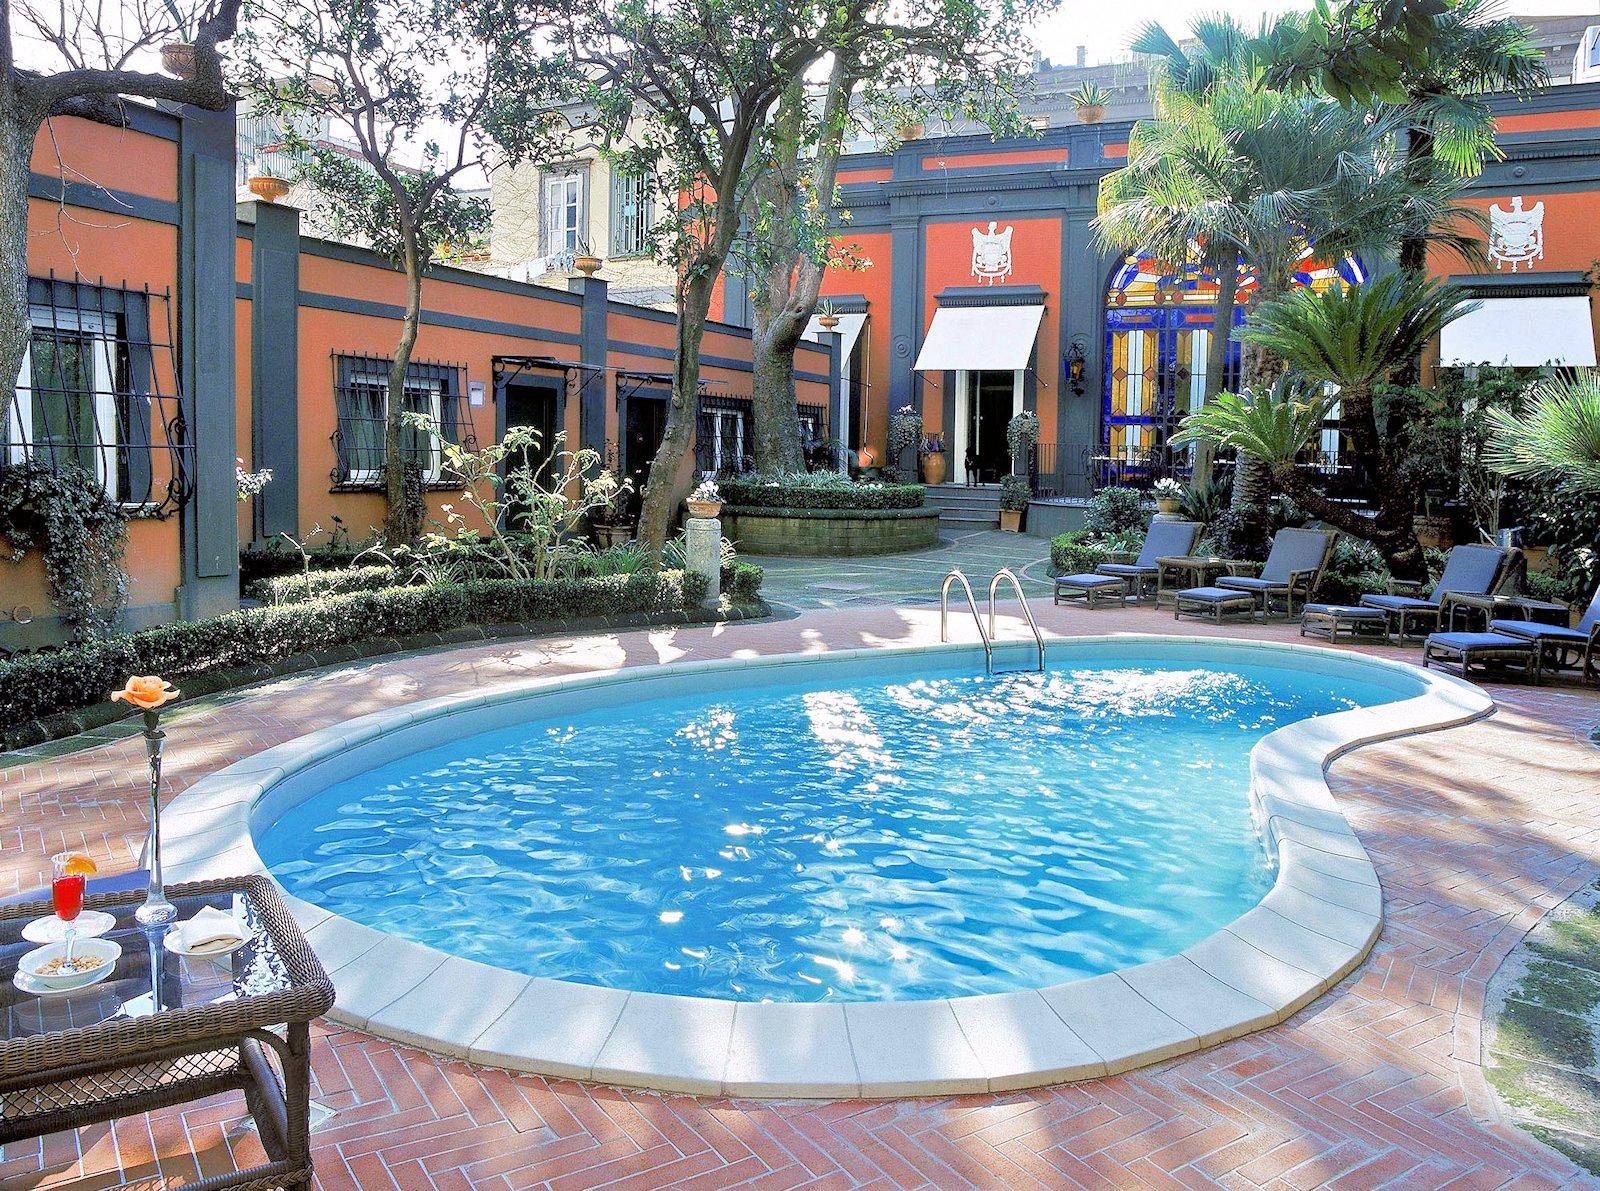 Hotel Costantinopoli 104, hotel de charme dans le centre historique de Naples Italie